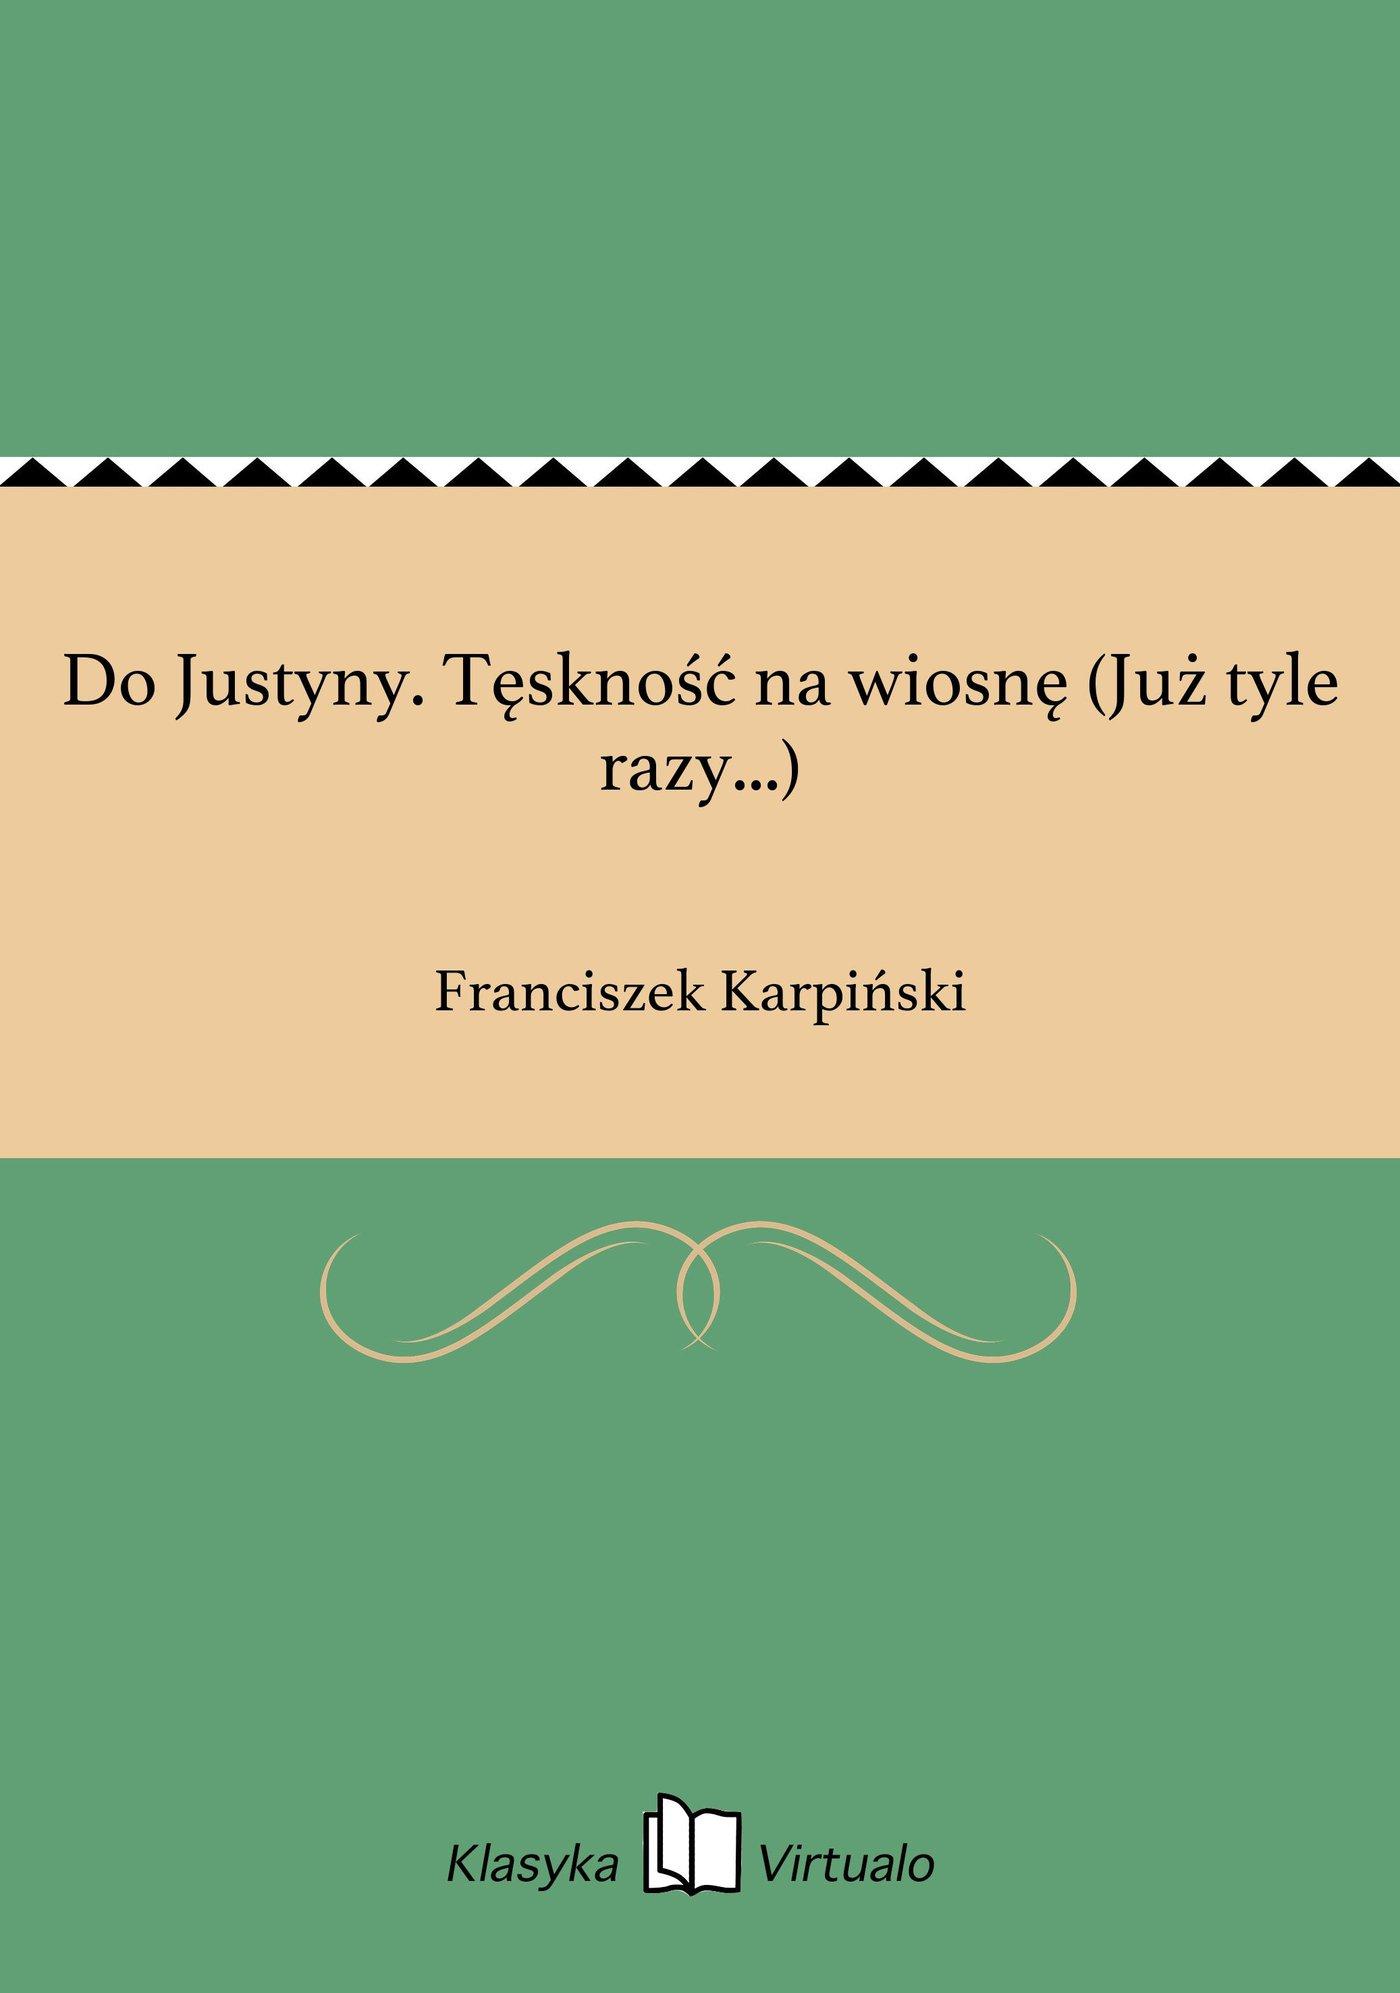 Do Justyny. Tęskność na wiosnę (Już tyle razy...) - Ebook (Książka EPUB) do pobrania w formacie EPUB